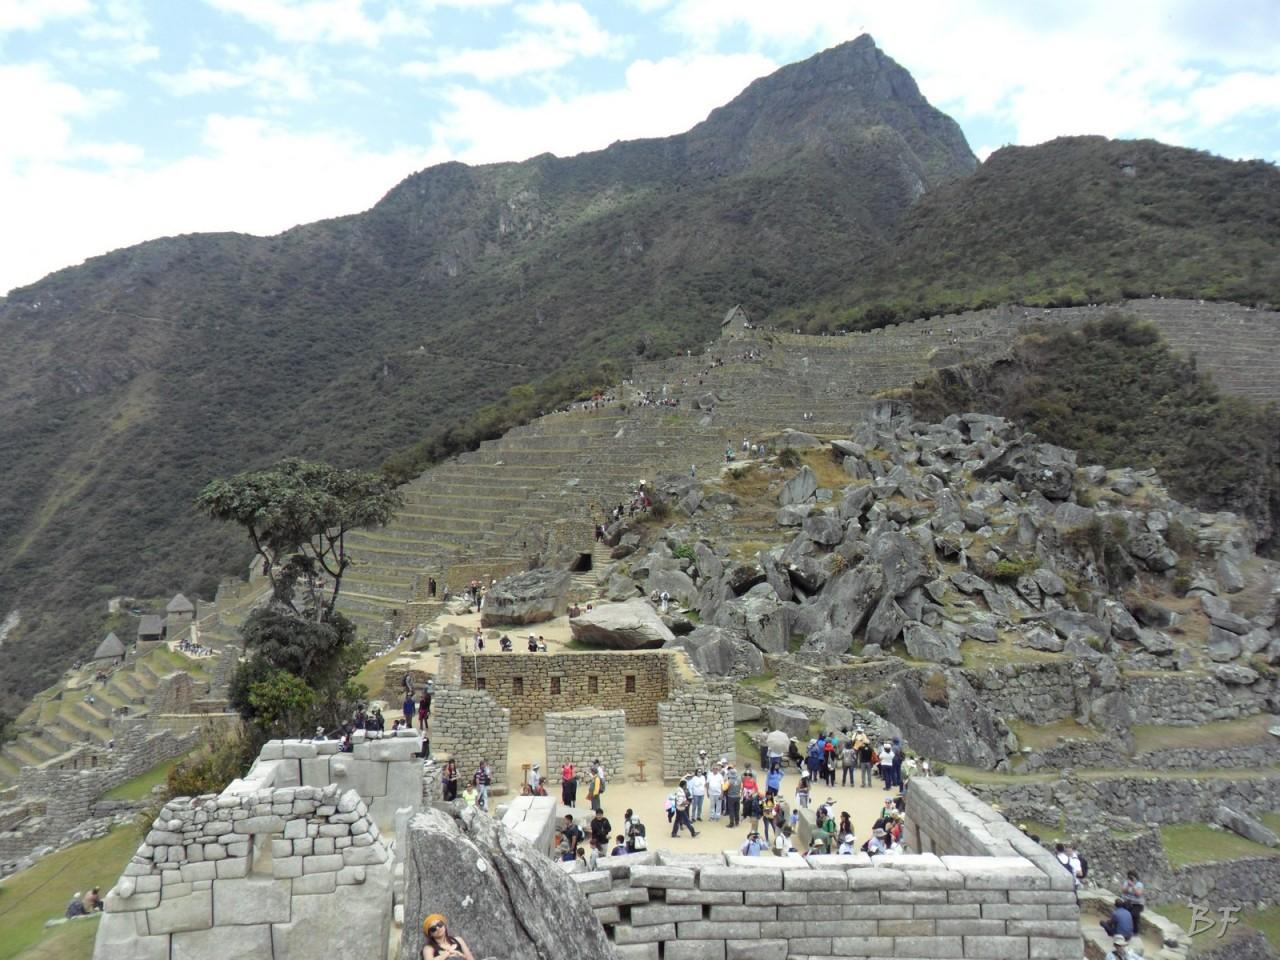 Mura-Poligonali-Incisioni-Altari-Edifici-Rupestri-Megaliti-Machu-Picchu-Aguas-Calientes-Urubamba-Cusco-Perù-116